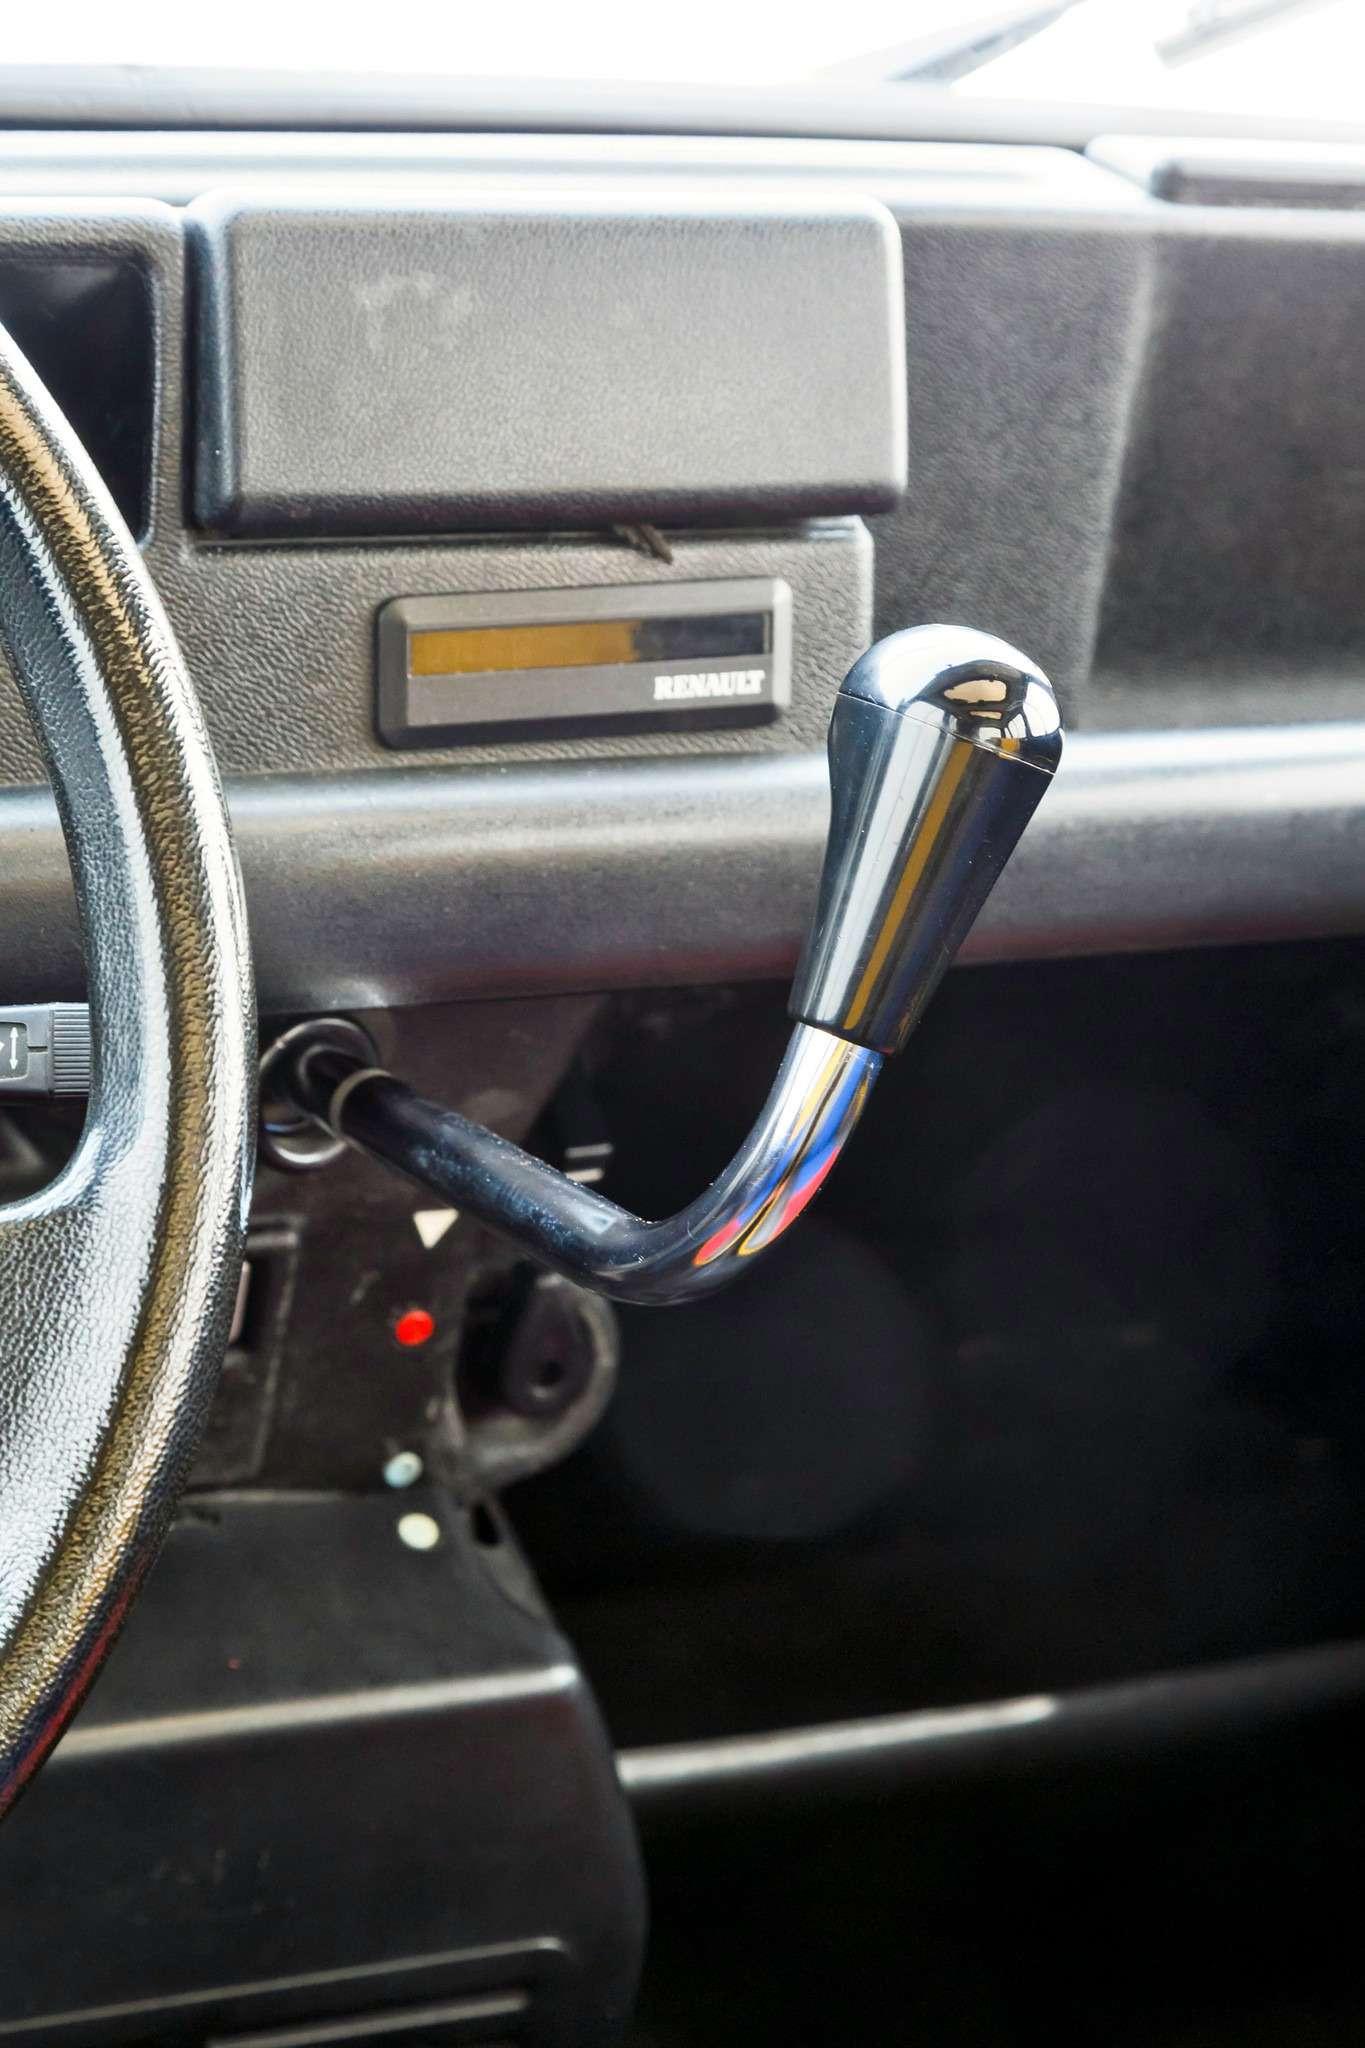 27-Renault-old_zr-01_16